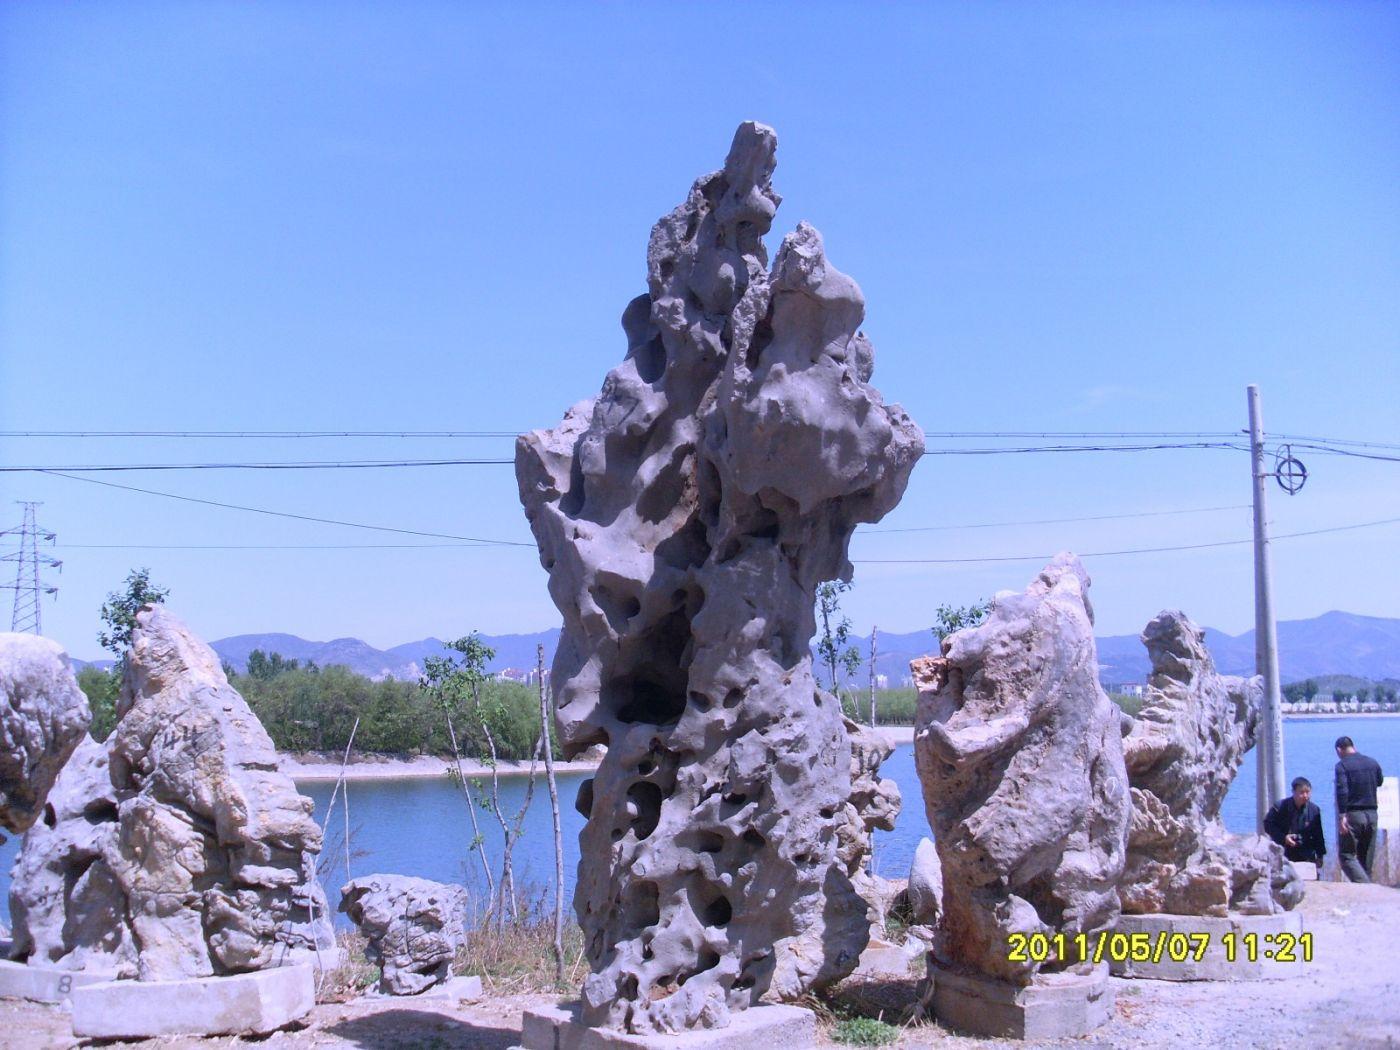 昔日于桥水库鱼香_图1-2